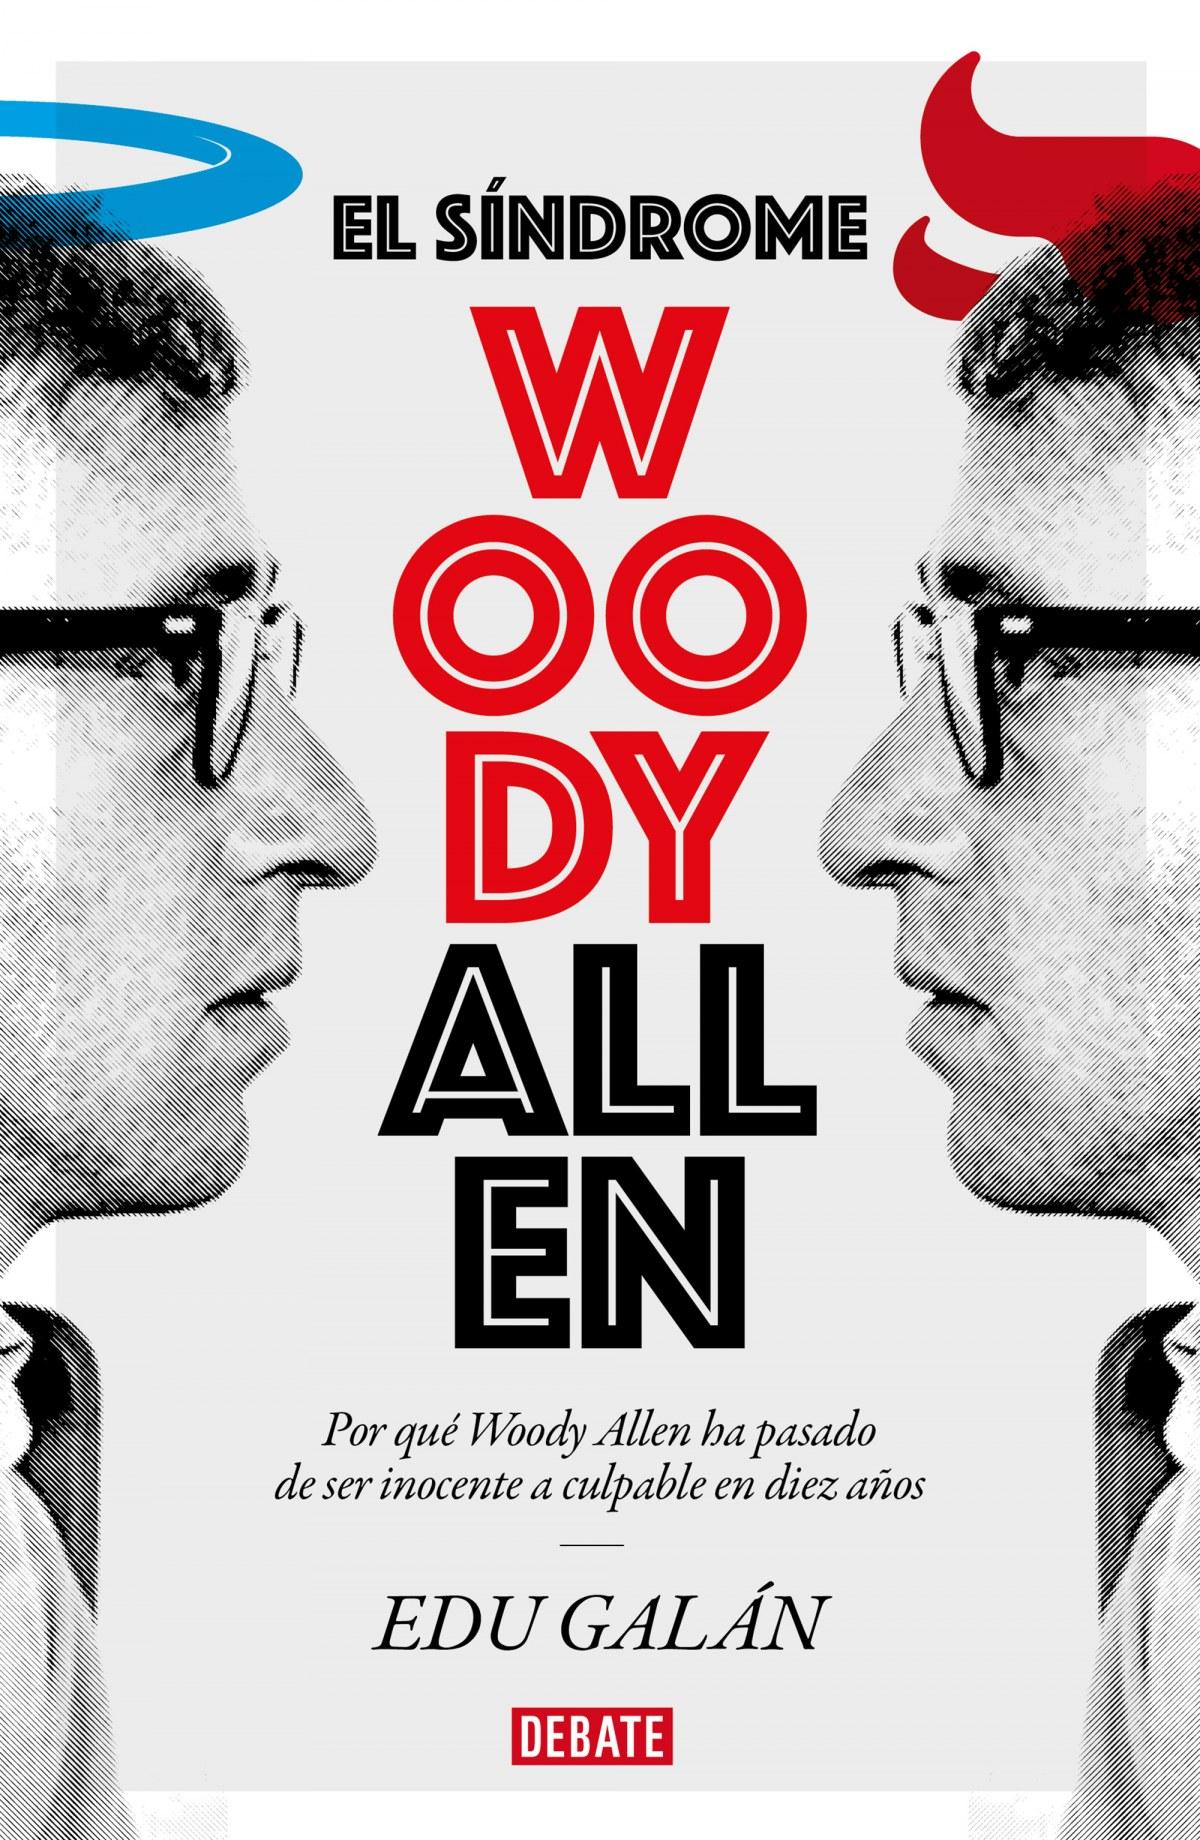 El s¡ndrome Woody Allen